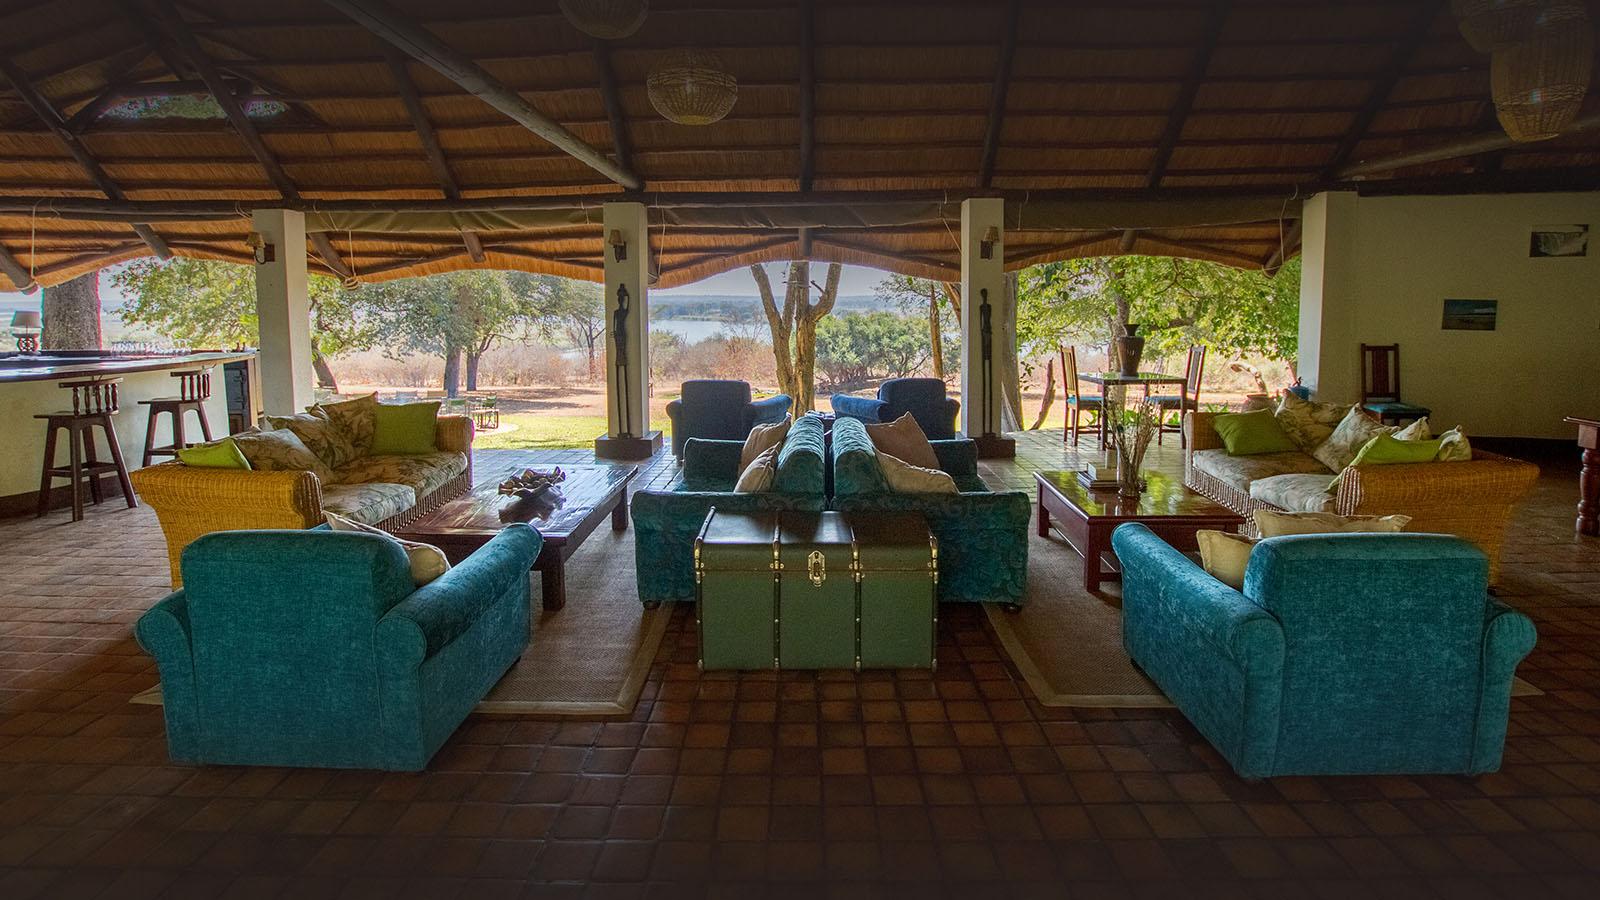 imbalala lodge victoria-falls-zambia-in-style-zimbabwe-lodges-accommodation-bar-lounge